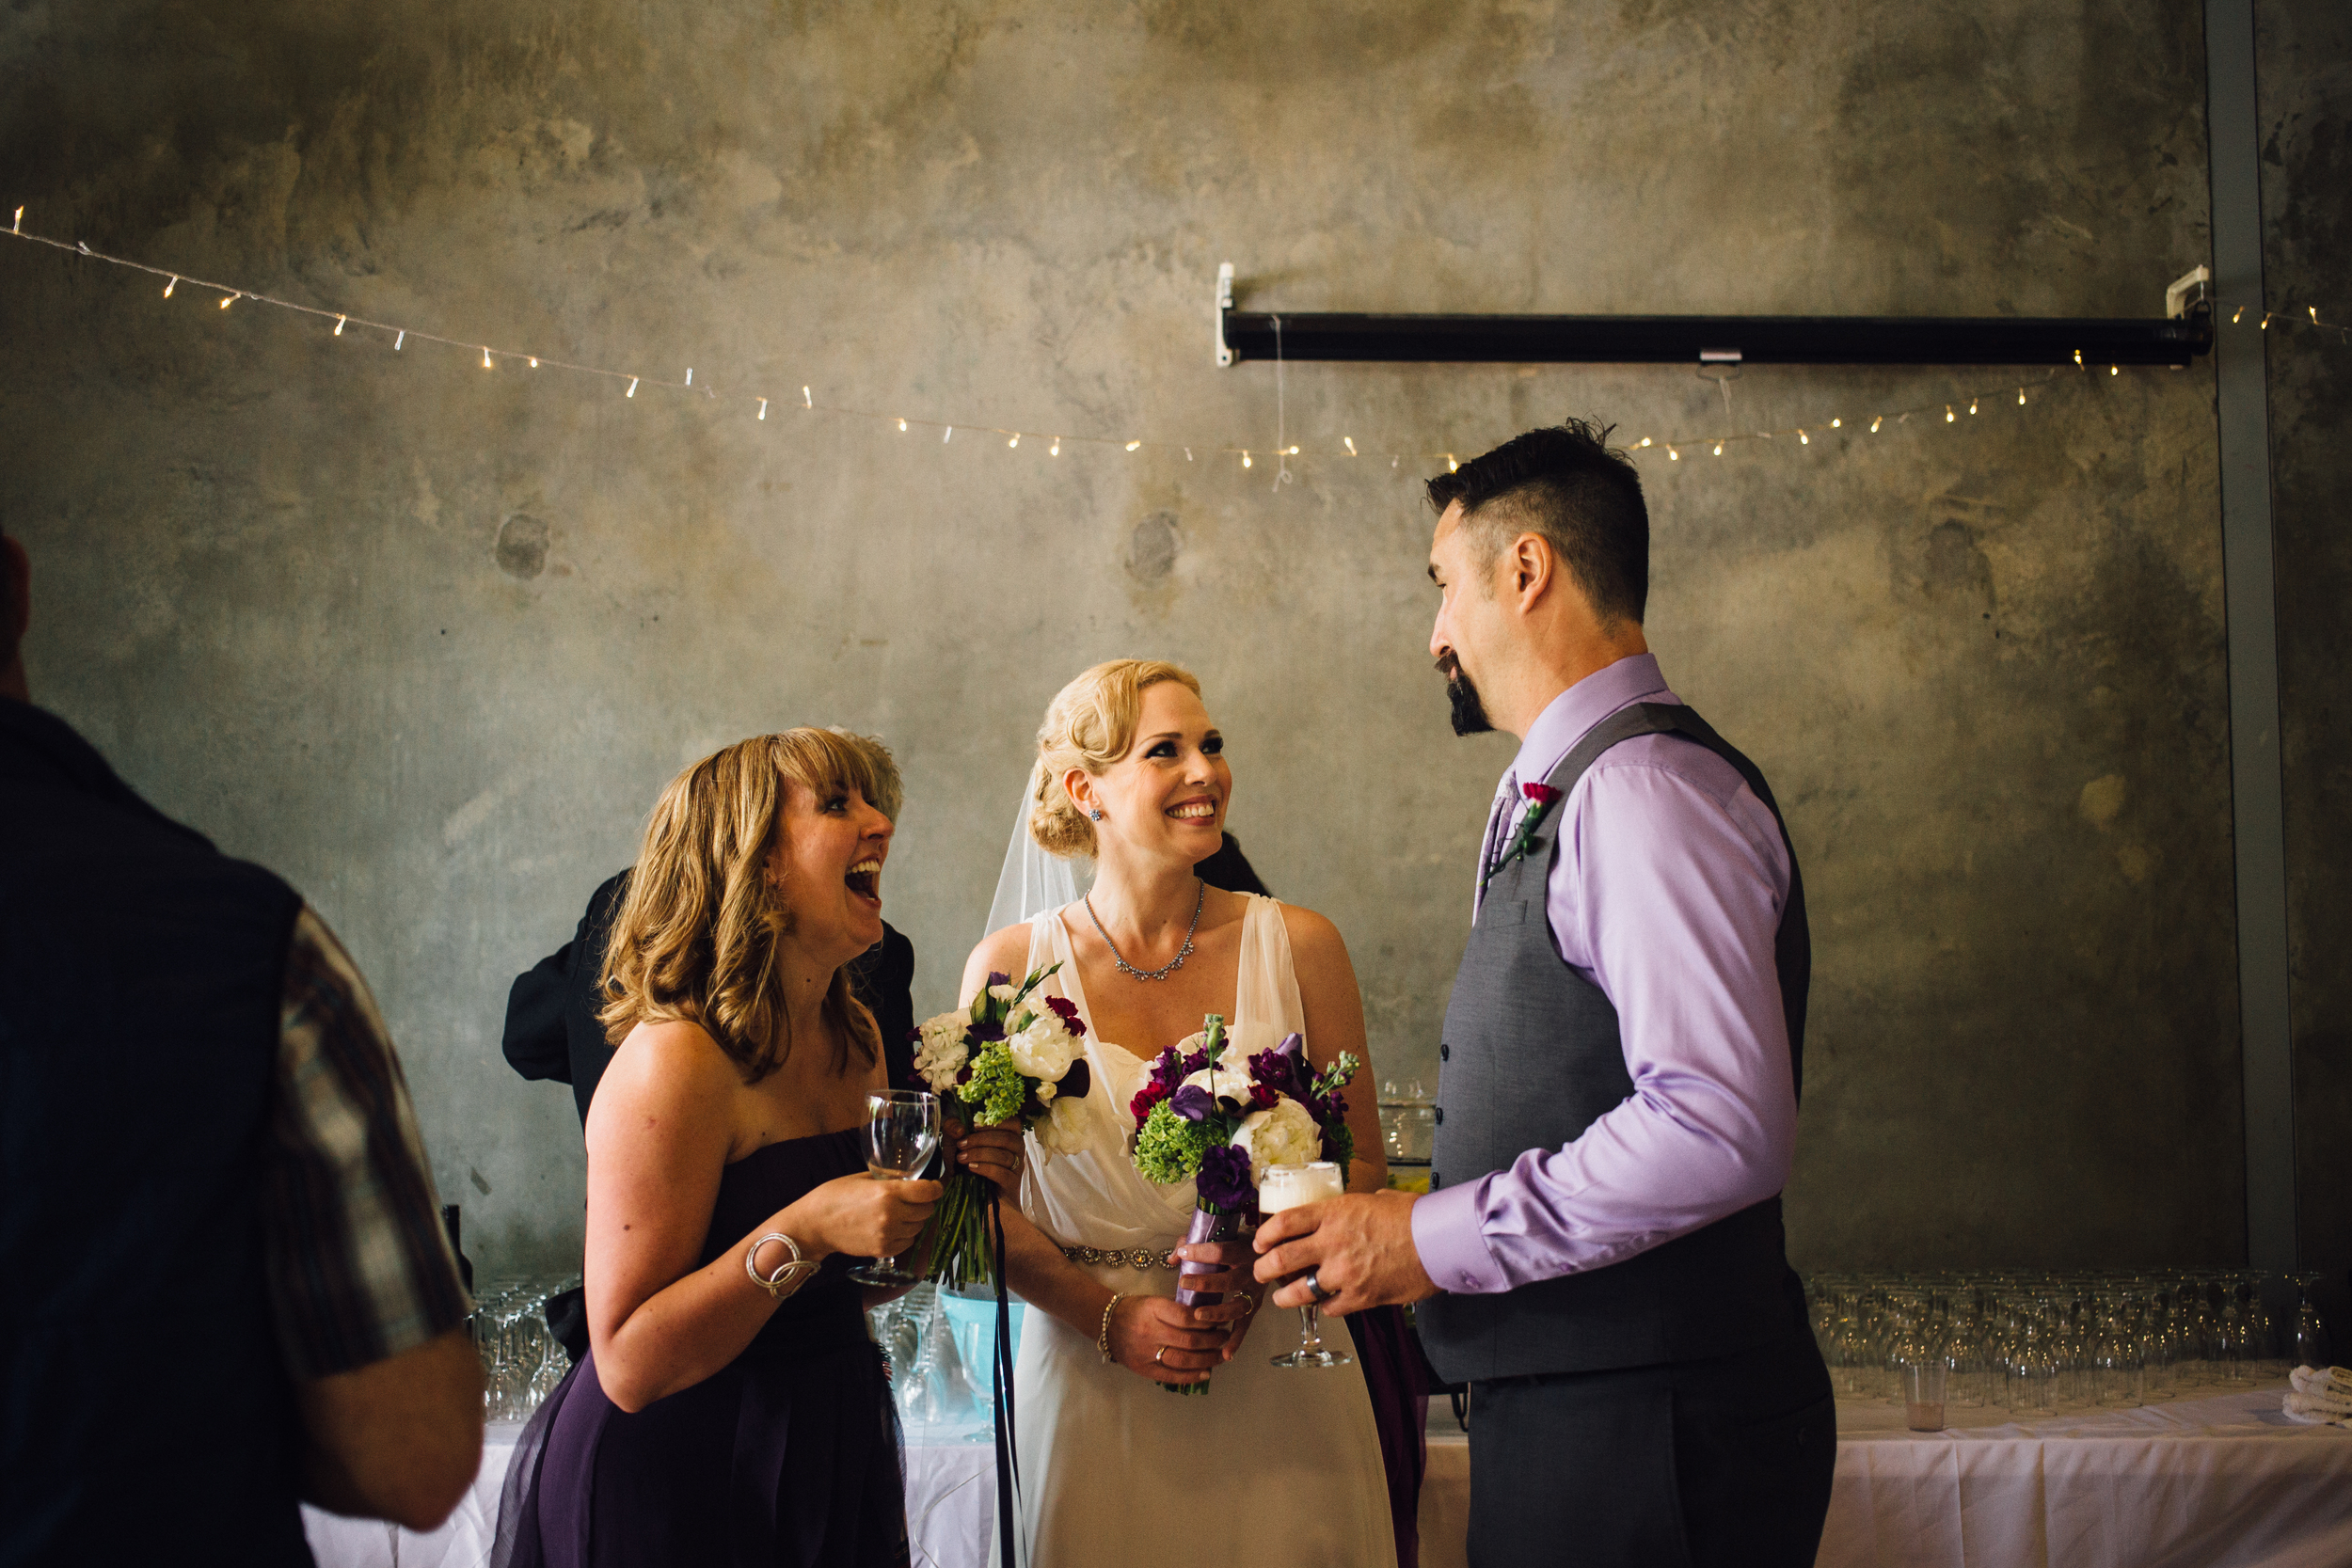 dogwoodphotography_photographer_vancouver_wedding_kimberley (114 of 180).jpg